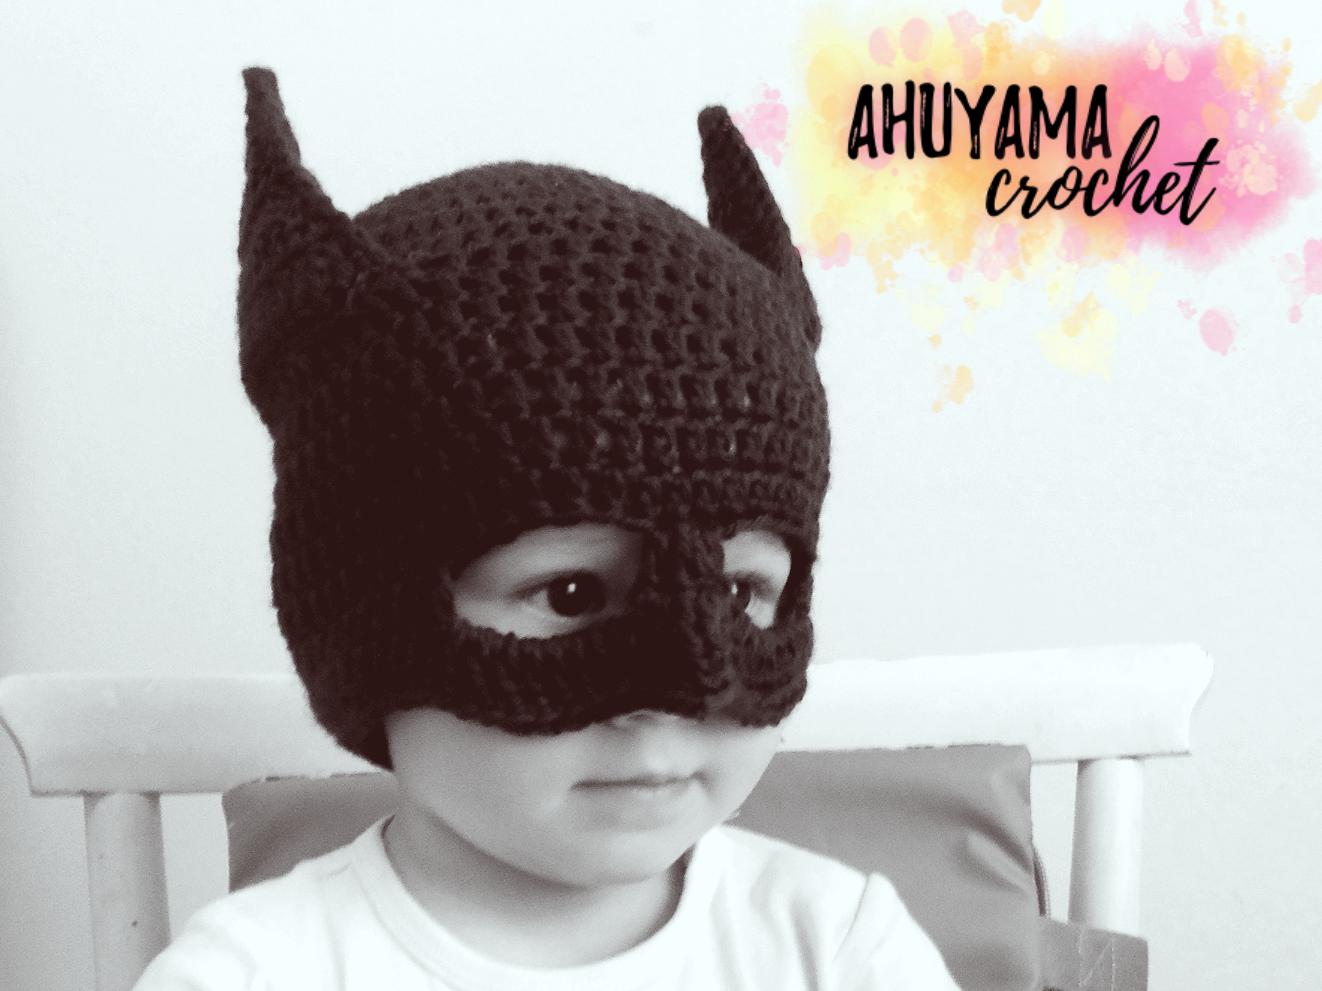 Calabaza Crochet para chuches Halloween - Patrones gratis | 991x1322